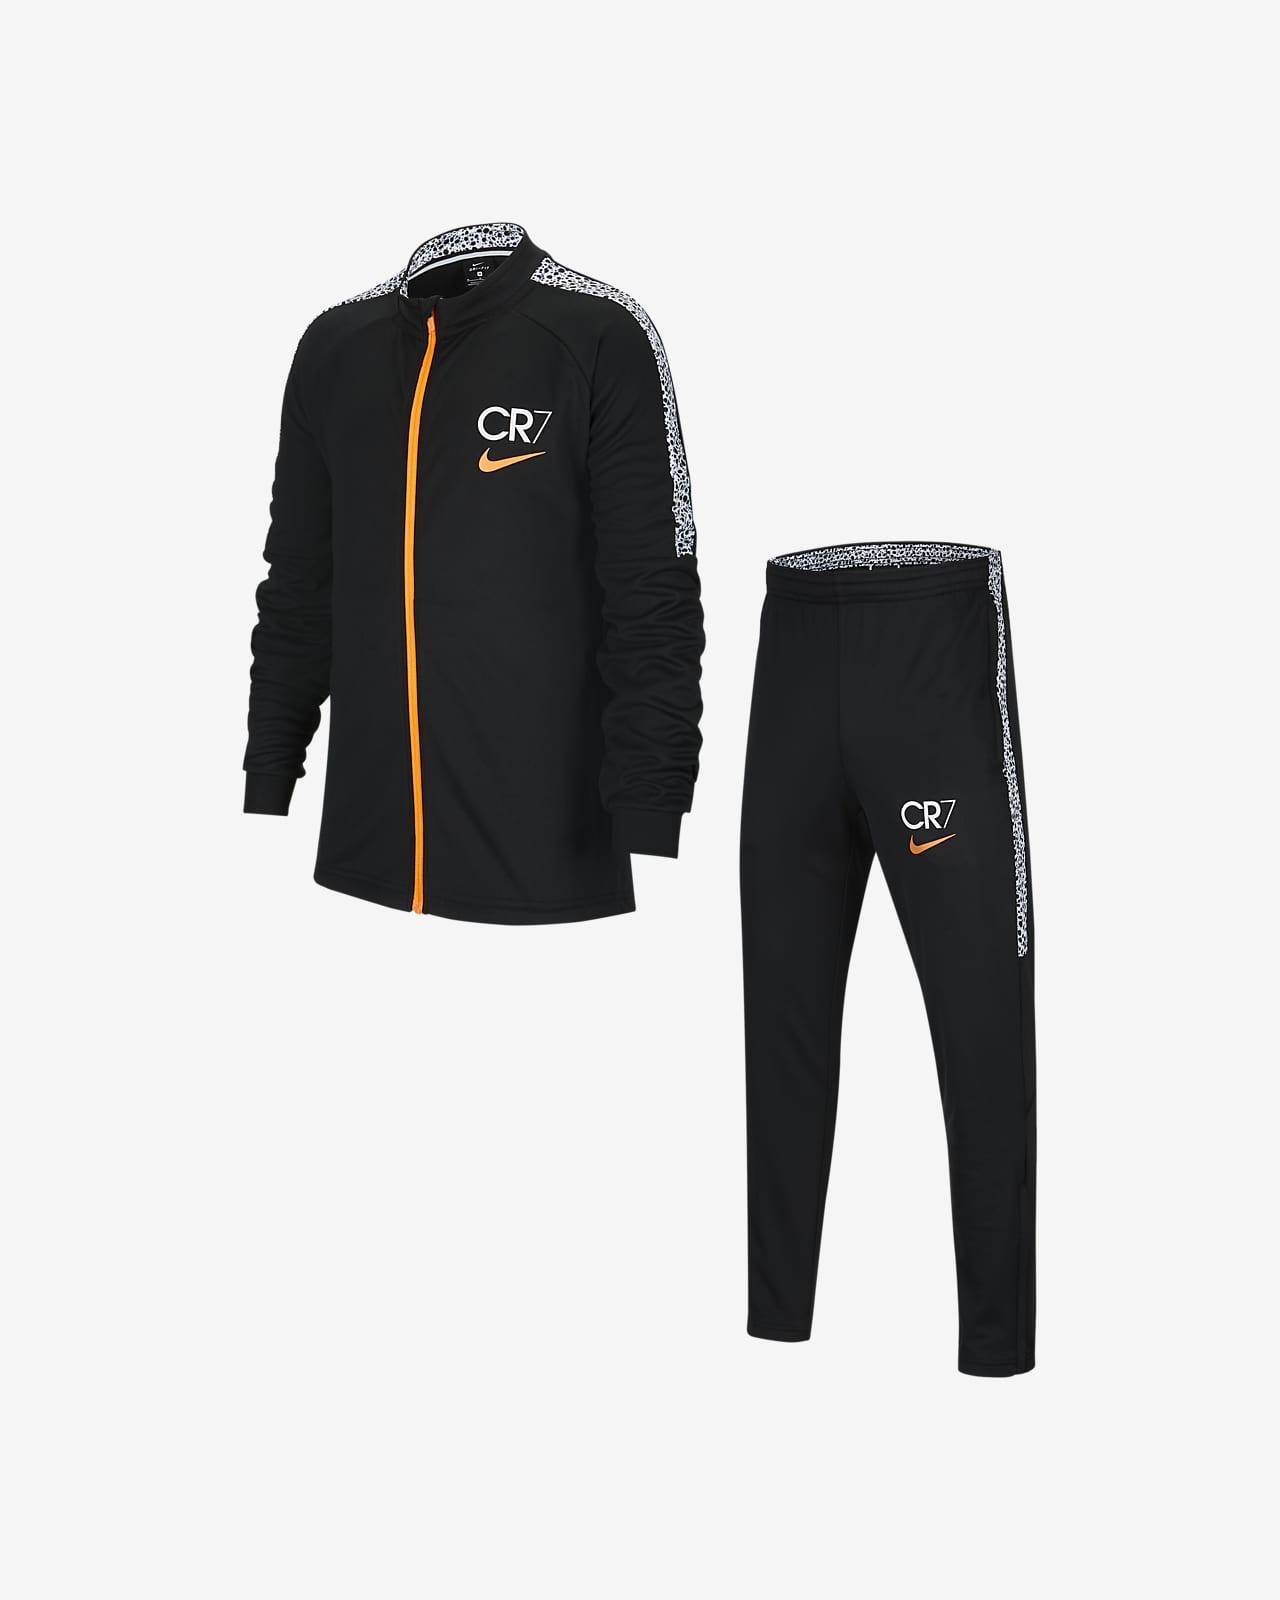 Survêtement de football en maille Nike Dri FIT CR7 pour Enfant plus âgé